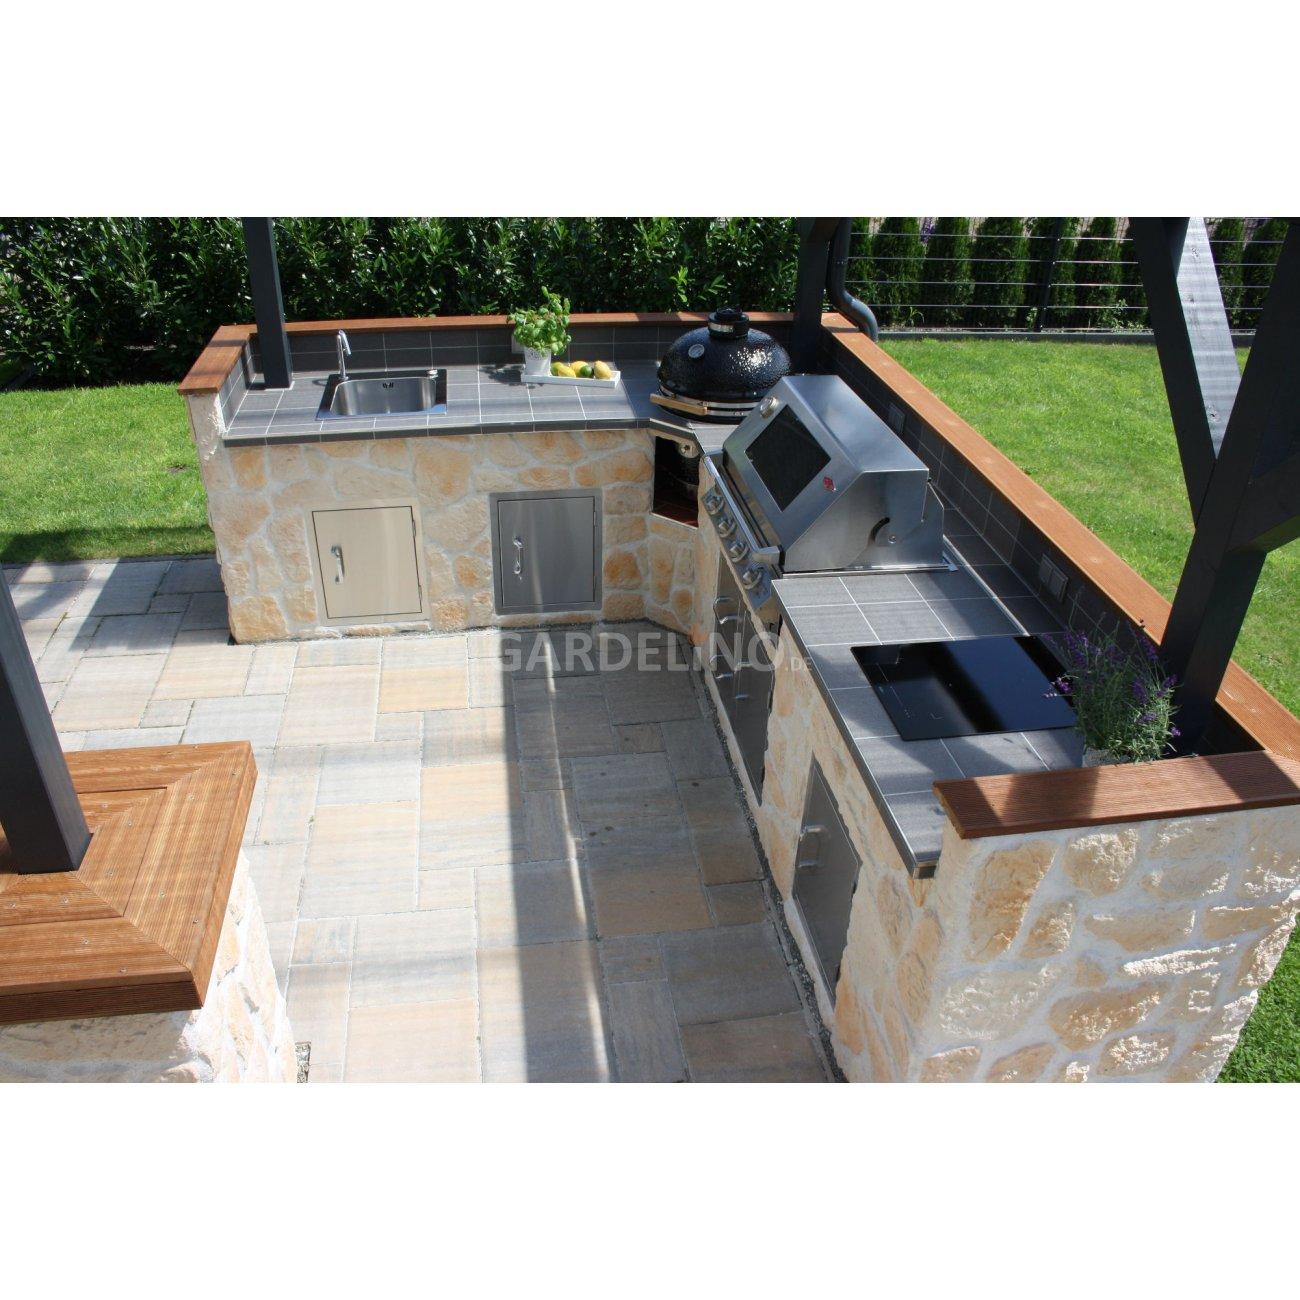 selbstgebaute au enk che mit beefeater und monolith grill On aussenküche mit grill